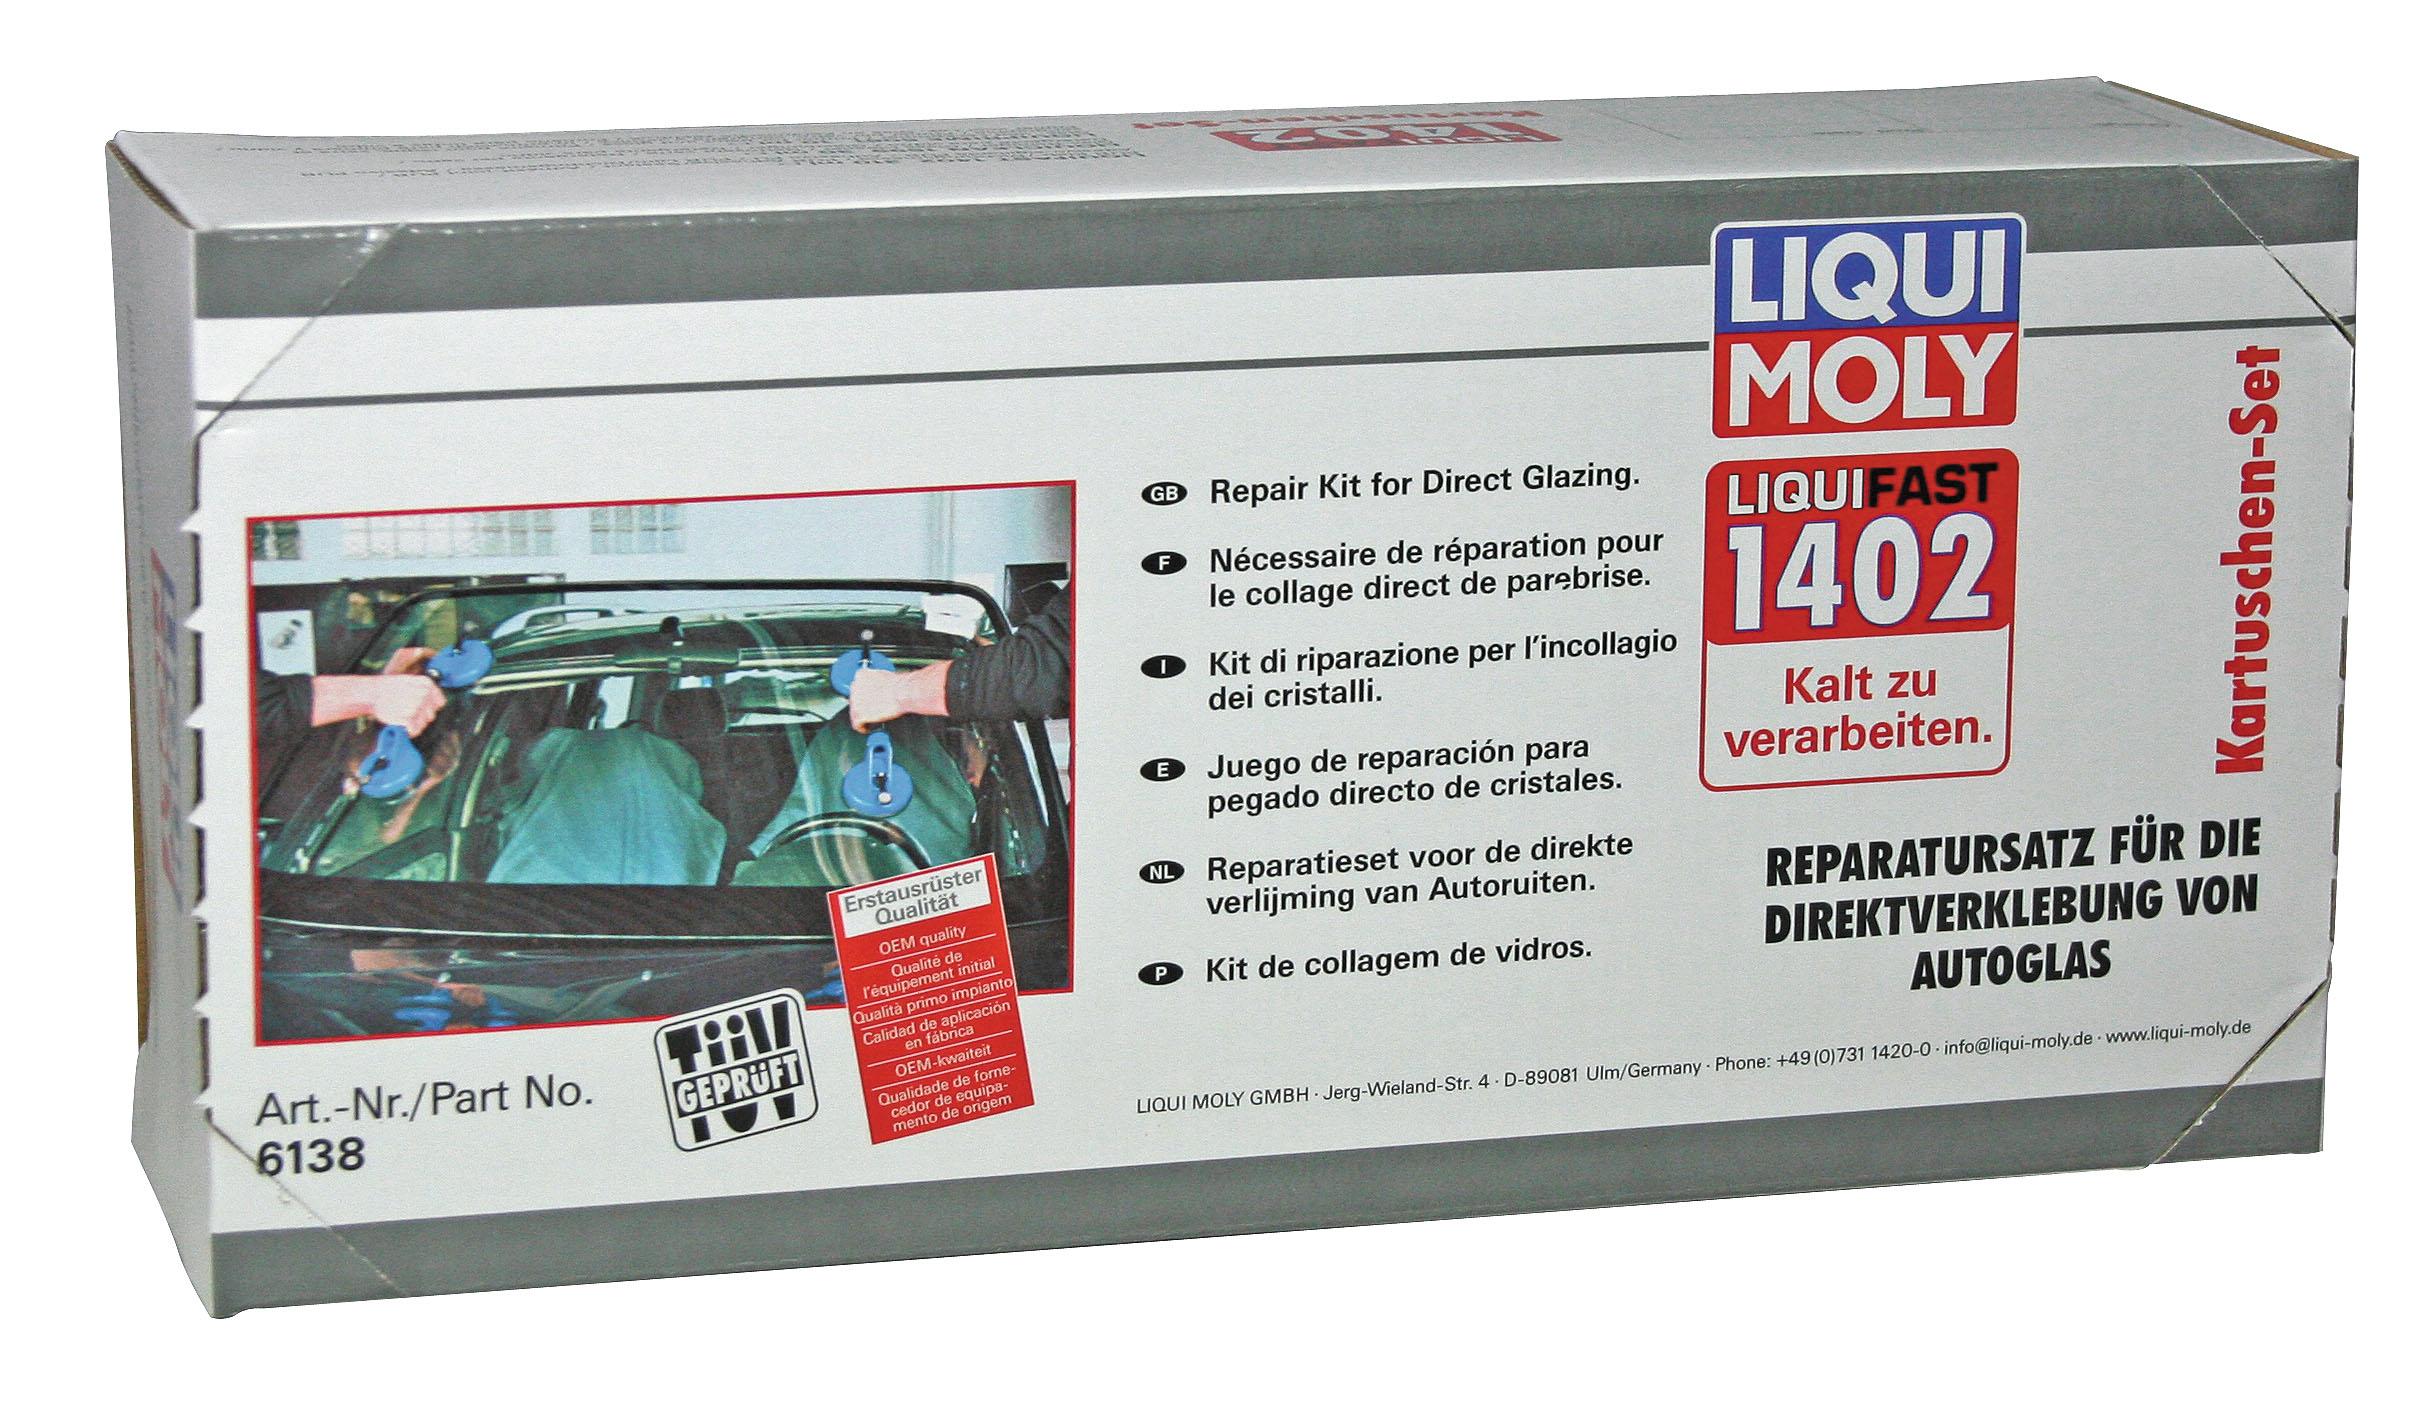 Набор для вклейки стекол (среднемодульный) Liquifast 1402